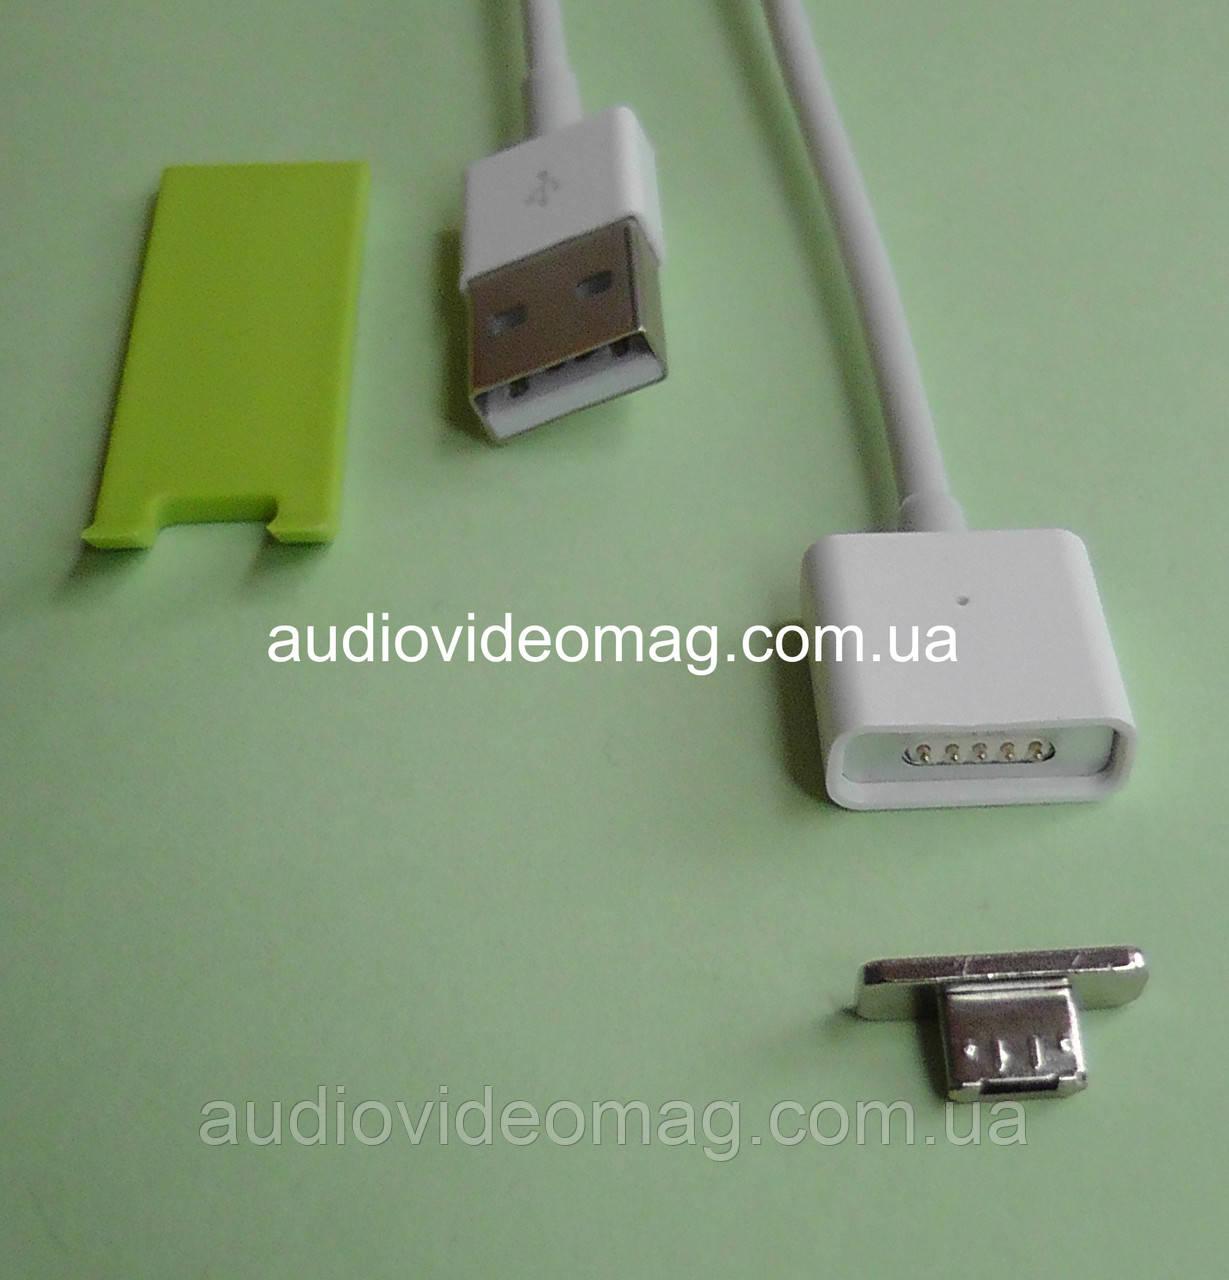 Кабель USB - micro USB, магнітний штекер, зарядка та синхронізація